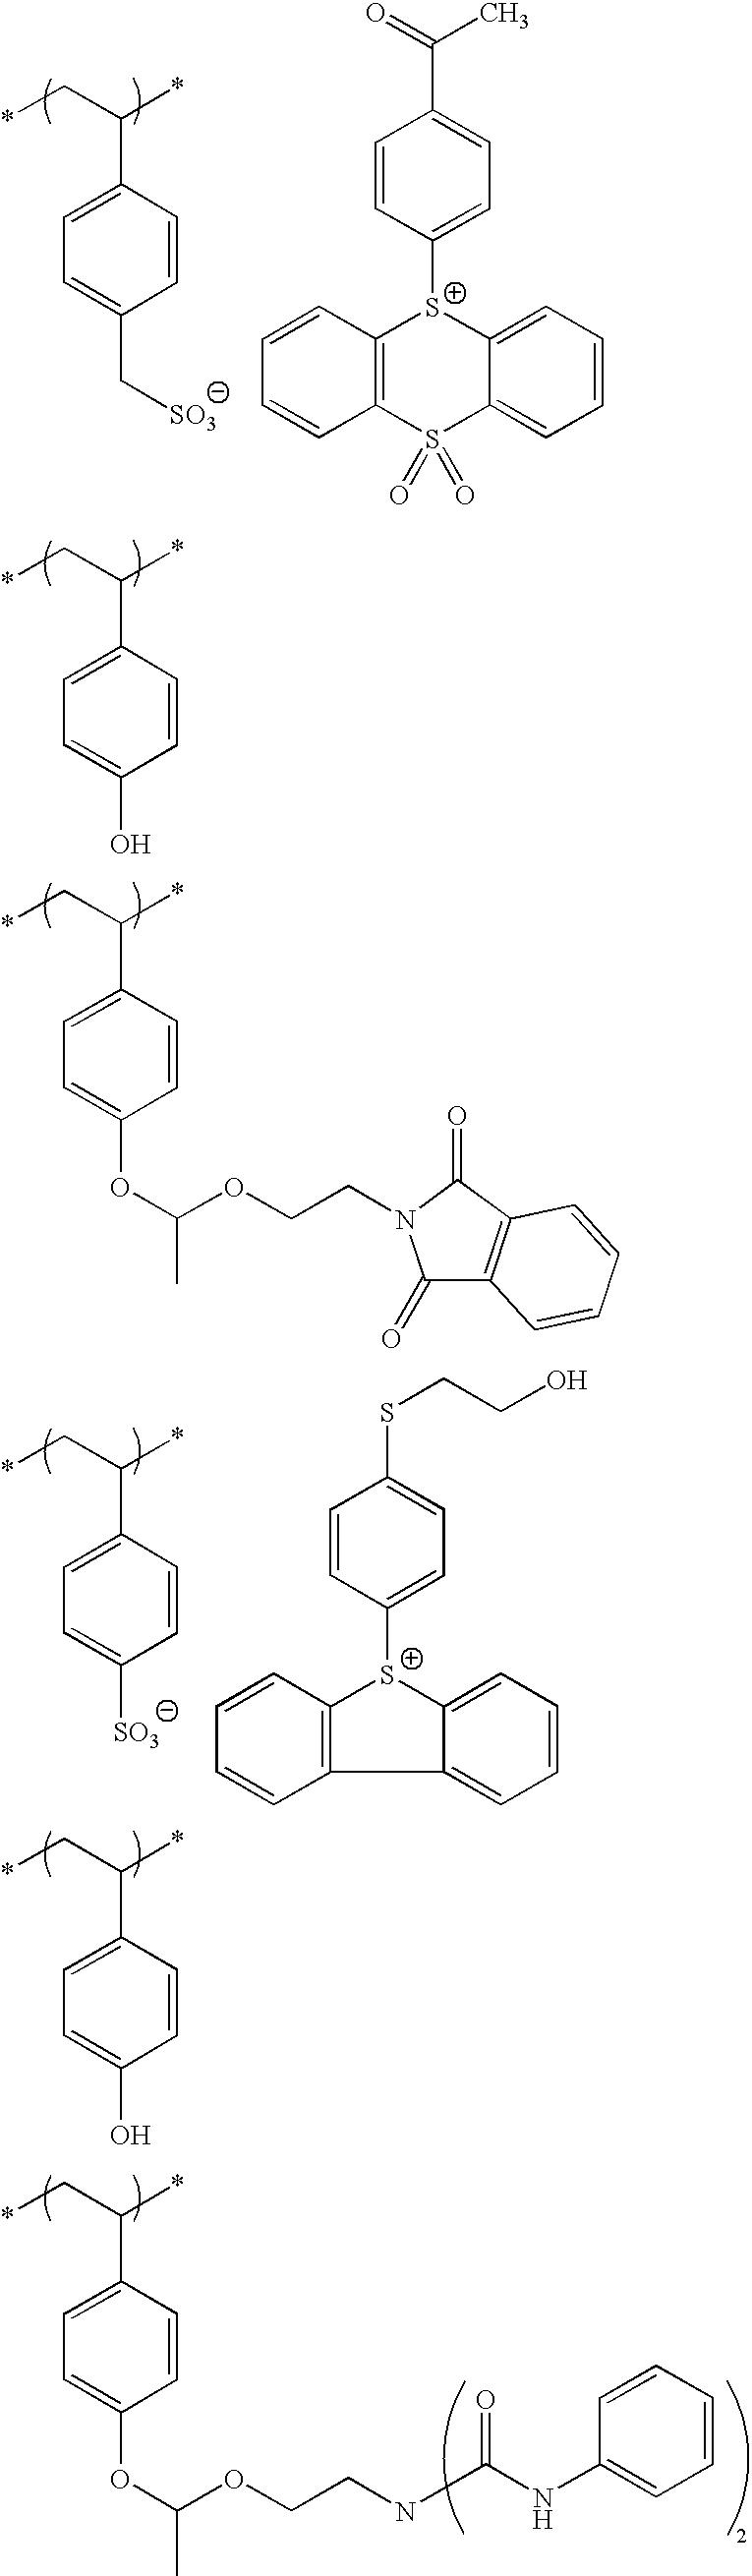 Figure US20100183975A1-20100722-C00173